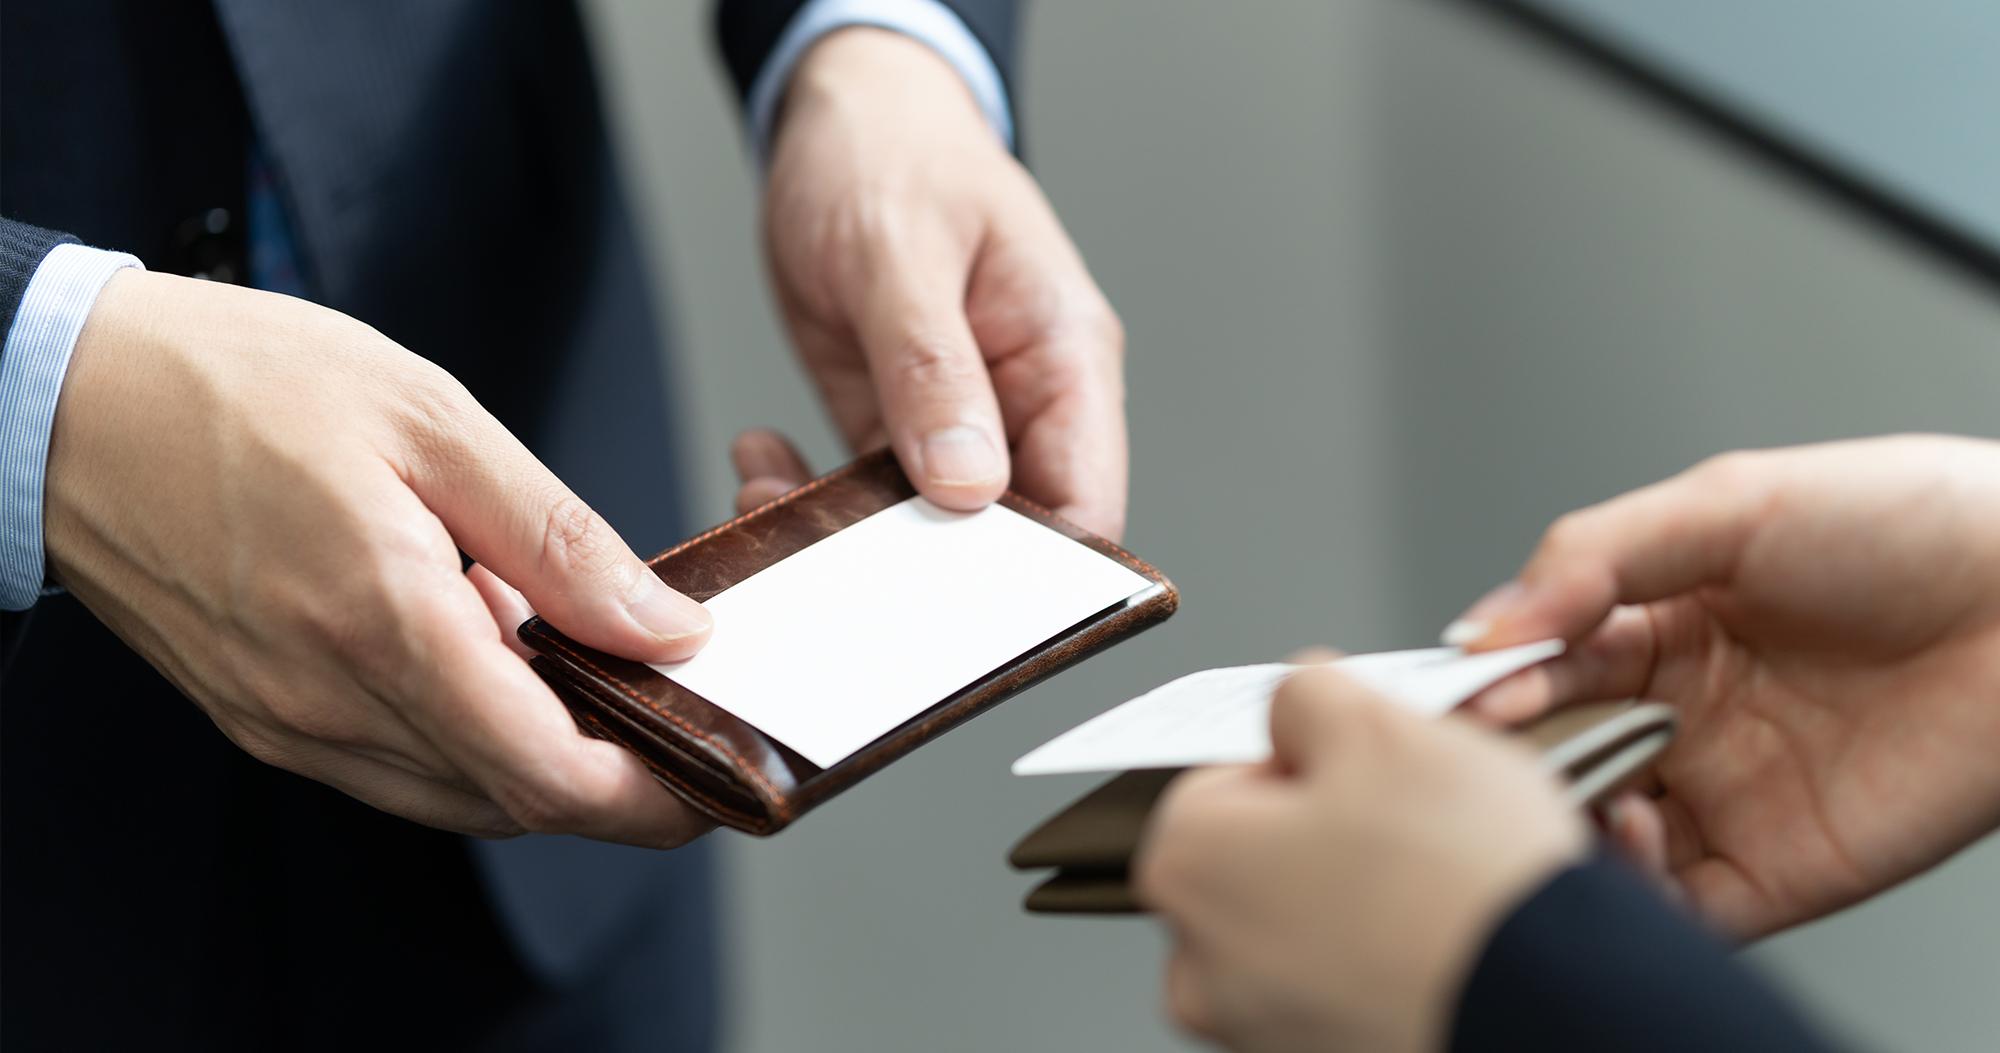 新入社員にビジネスマナー研修を行う際のポイントと注意点